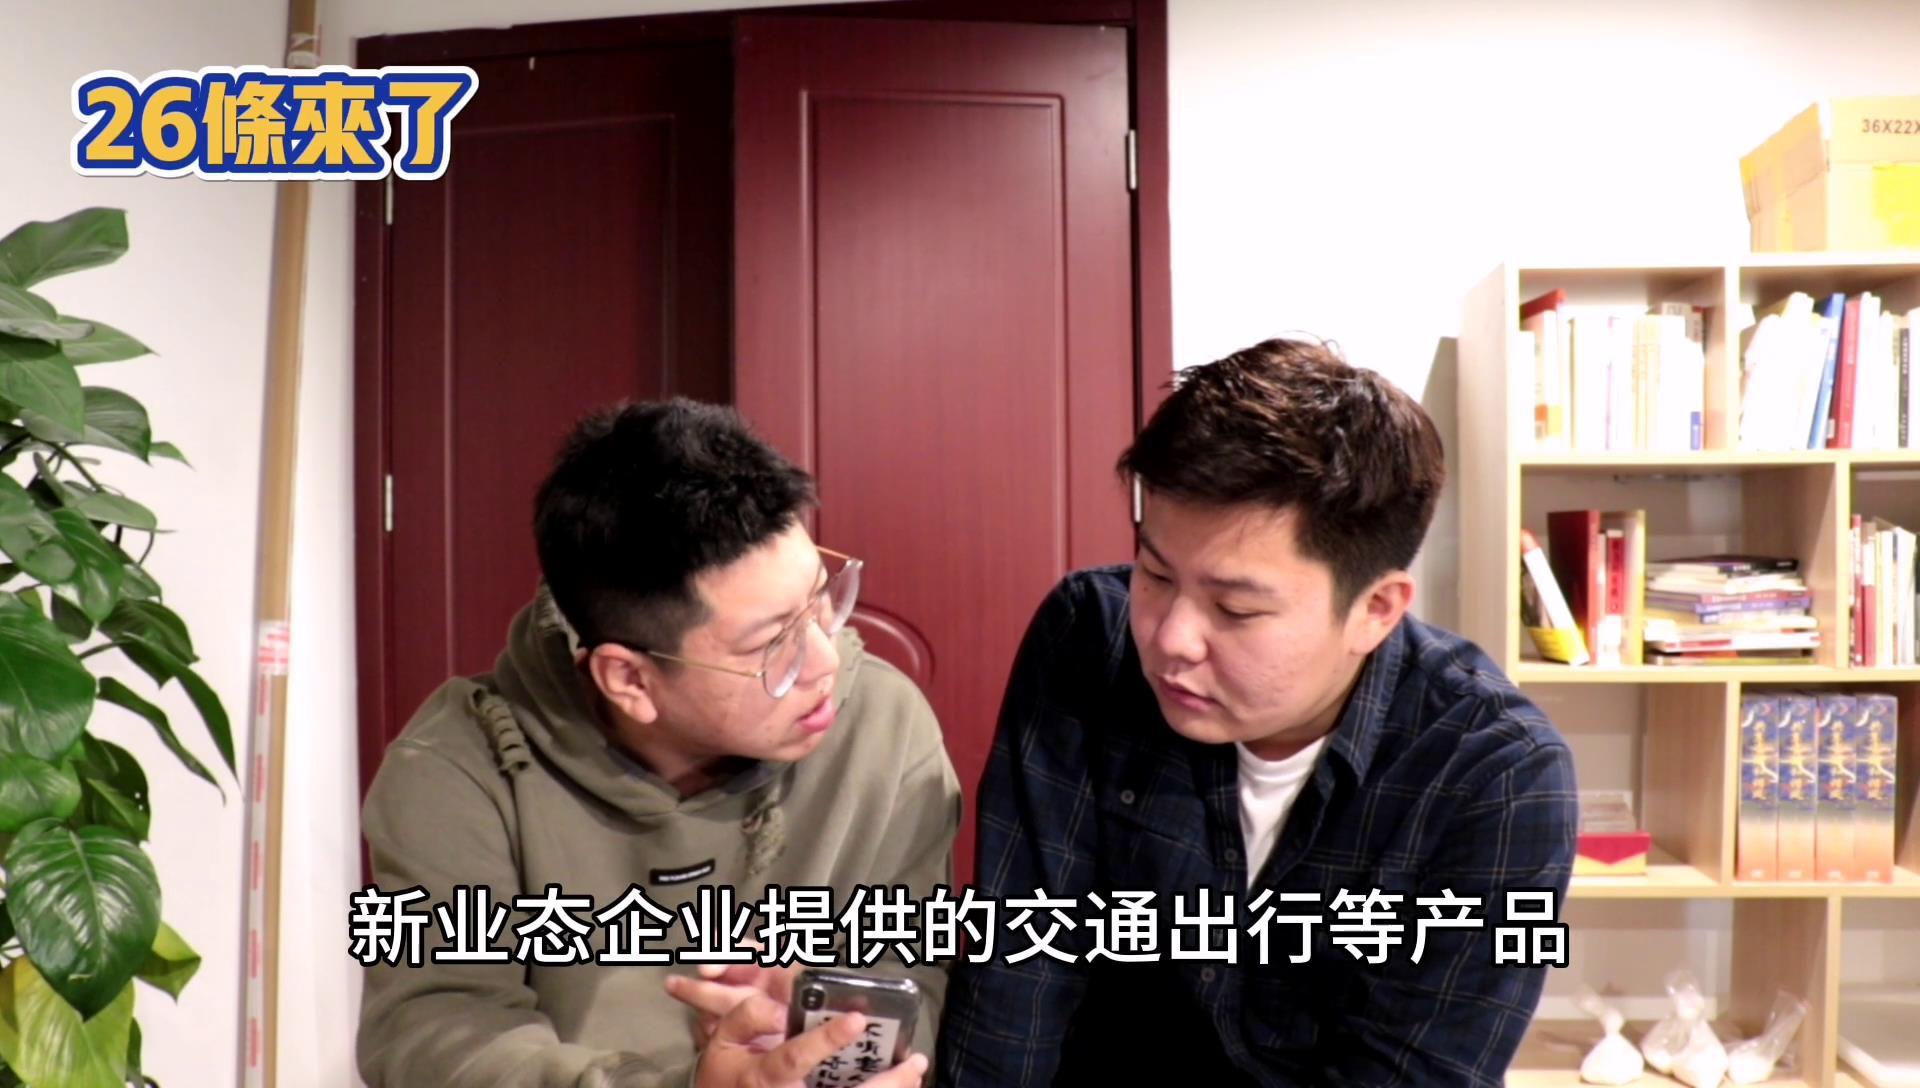 【26条来了】台湾朋友在大陆出行更便利啦!图片